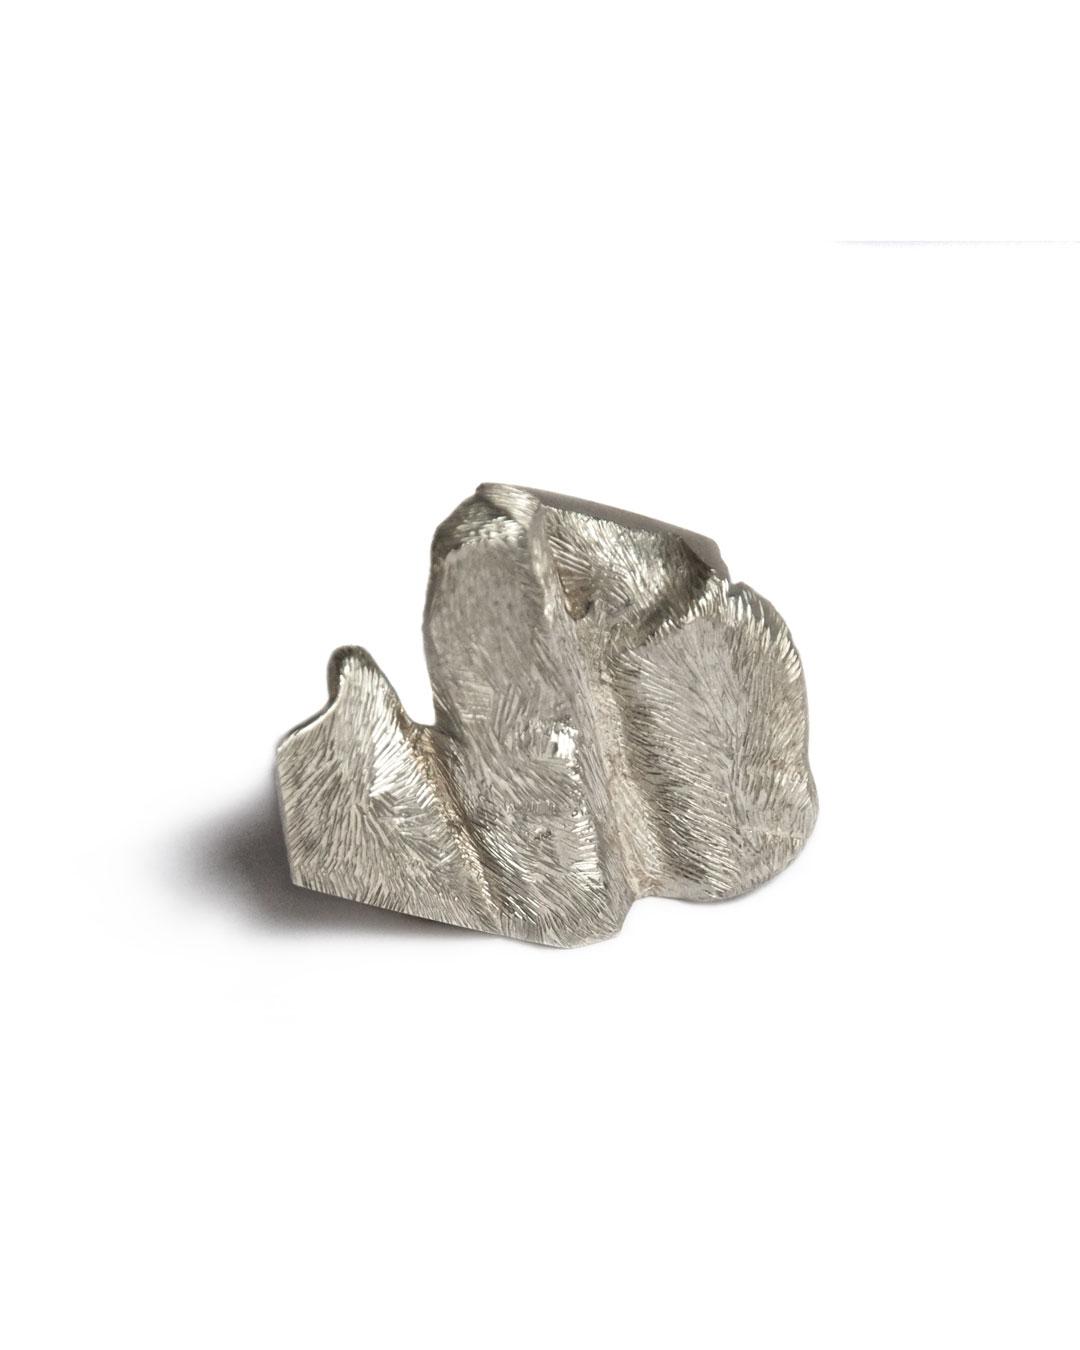 Rudolf Kocéa, Umhang (Cape), 2007, broche; zilver, 35 x 39 x 11 mm, €1090